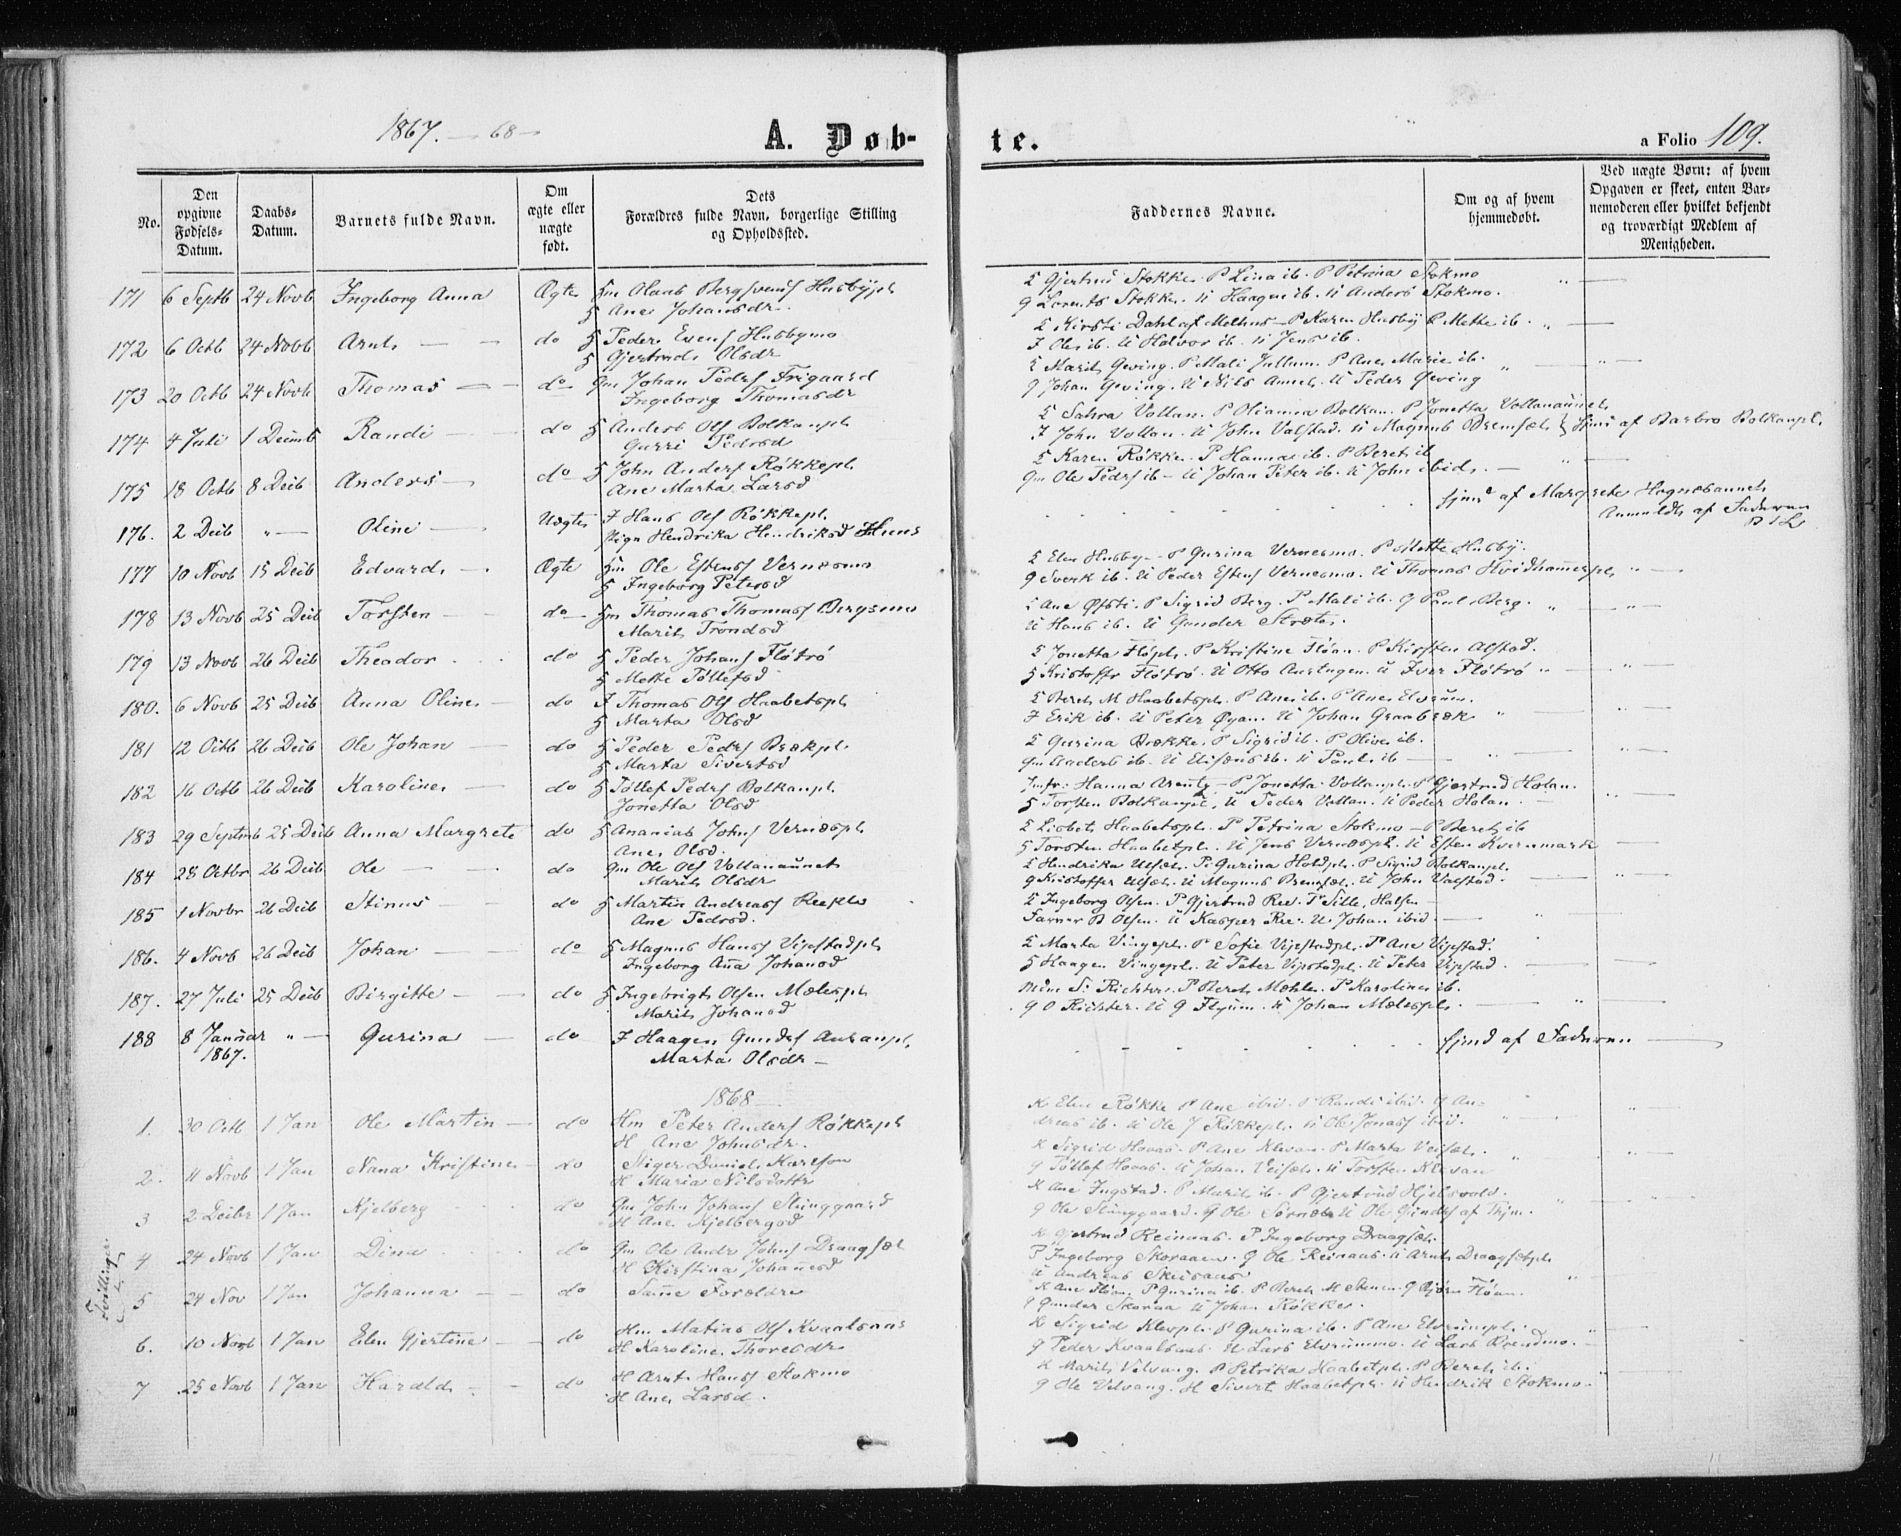 SAT, Ministerialprotokoller, klokkerbøker og fødselsregistre - Nord-Trøndelag, 709/L0075: Ministerialbok nr. 709A15, 1859-1870, s. 109